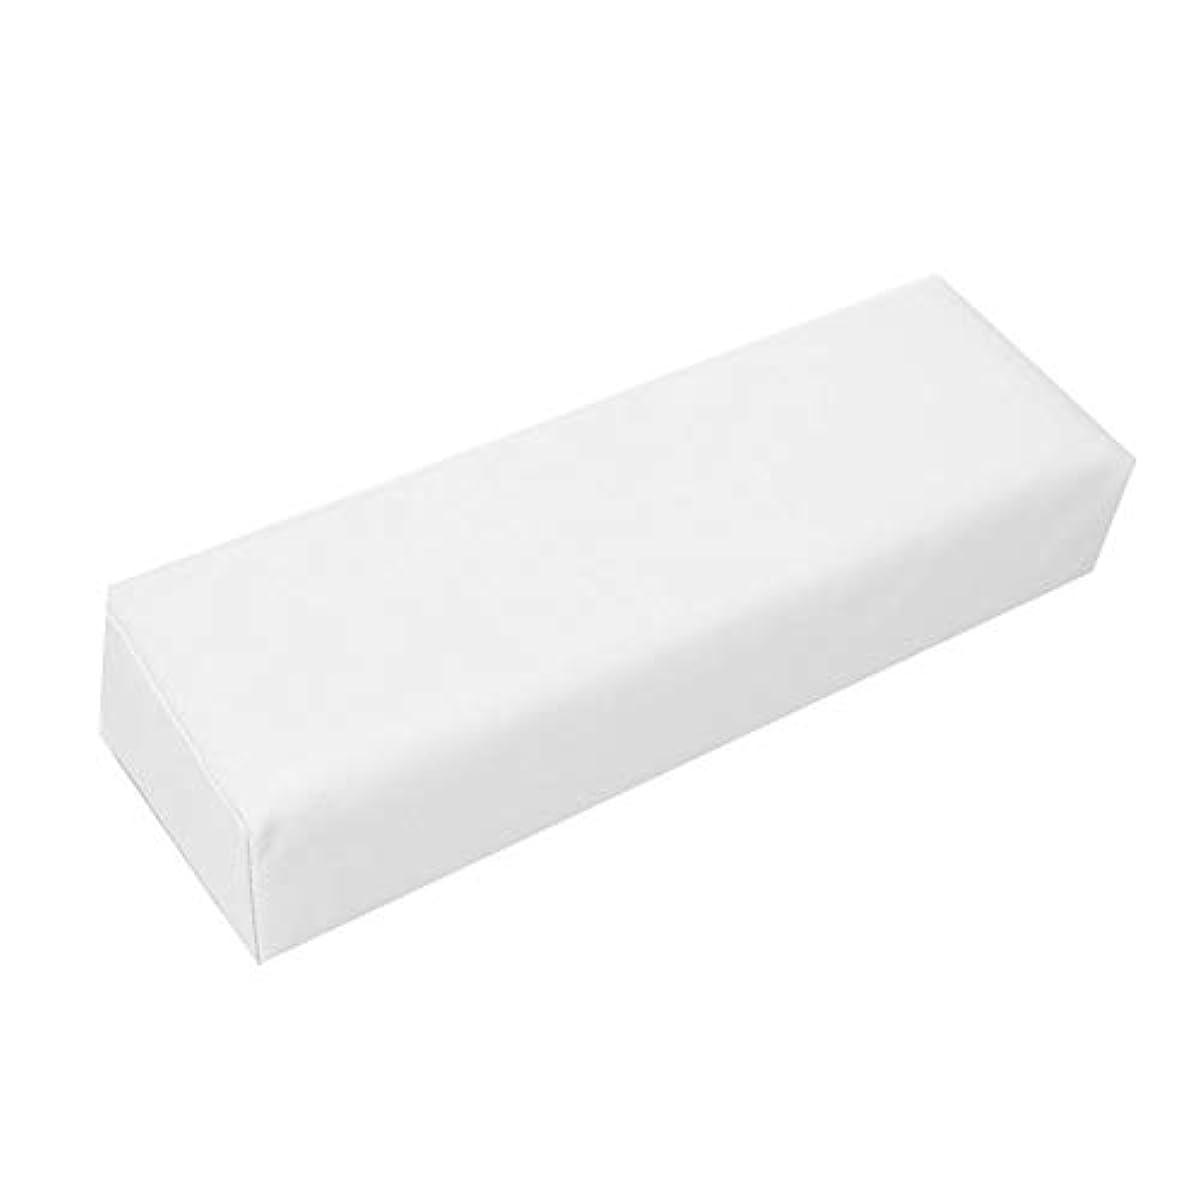 詳細な配分骨折dootiネイル用アームレスト 人工レザー 清潔容易 手をサポート 練習用にも 高弾性な充填物 美容院 美容室 ネイルサロン 理容室に適用(ホワイト)